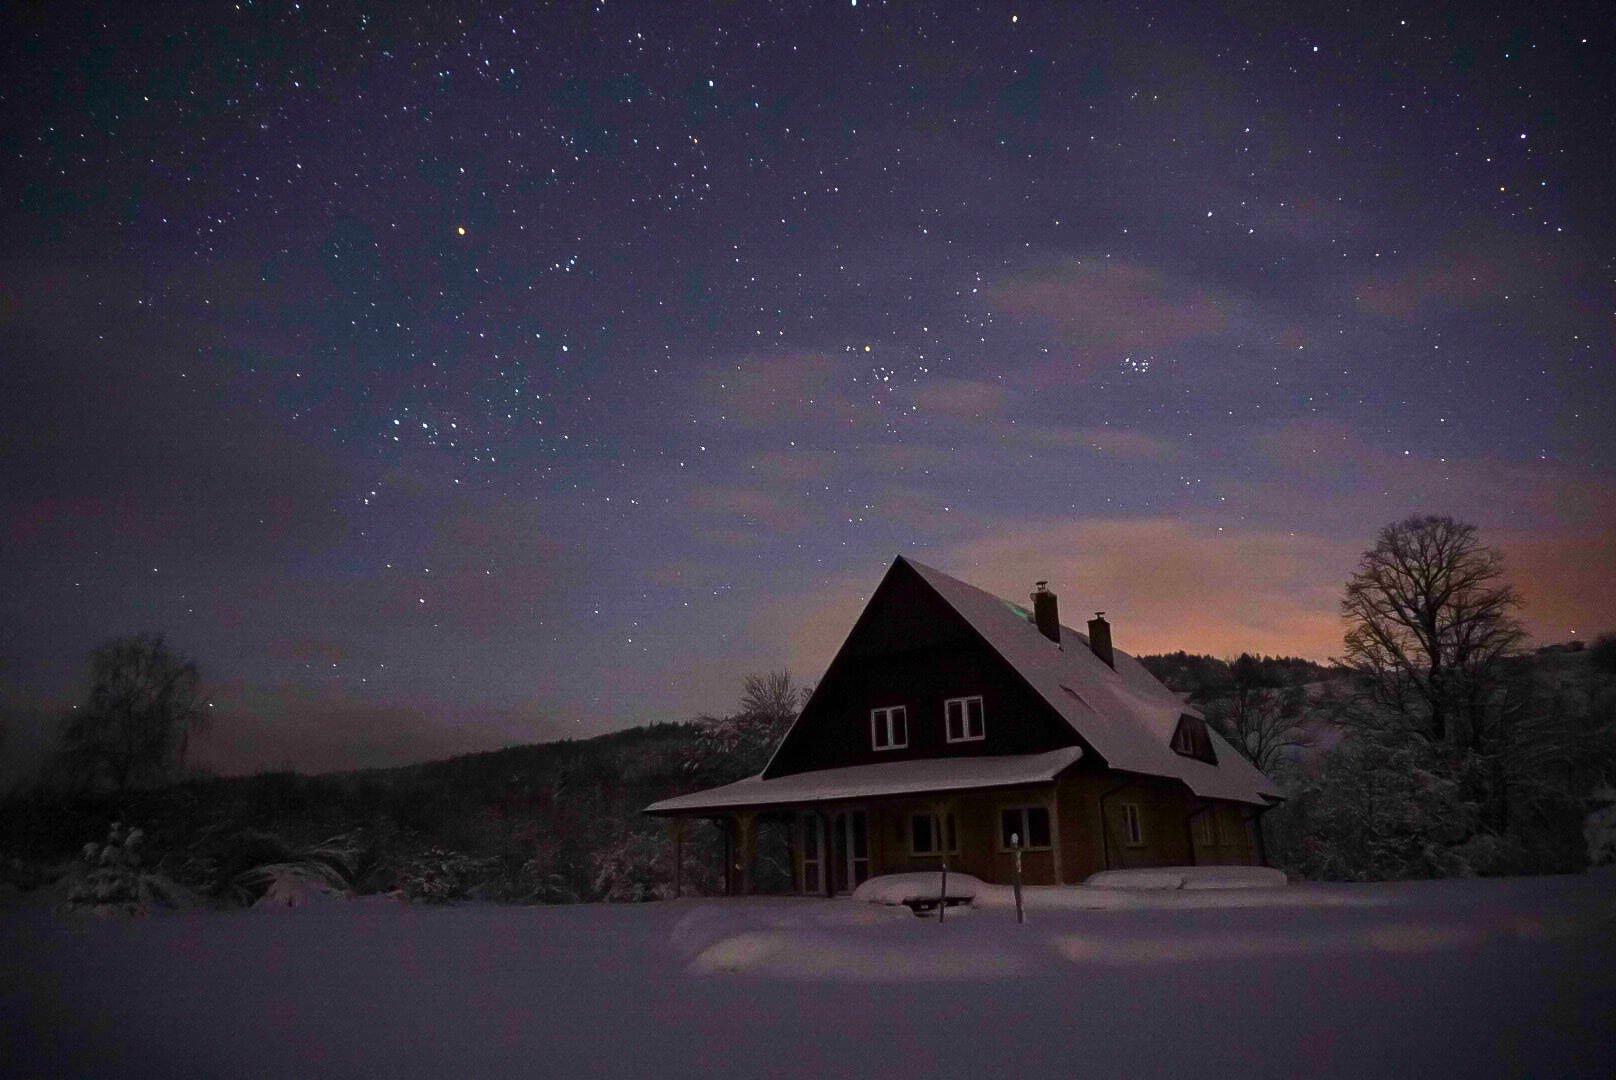 Nocne, zimowe niebo w fotografii Adama 5